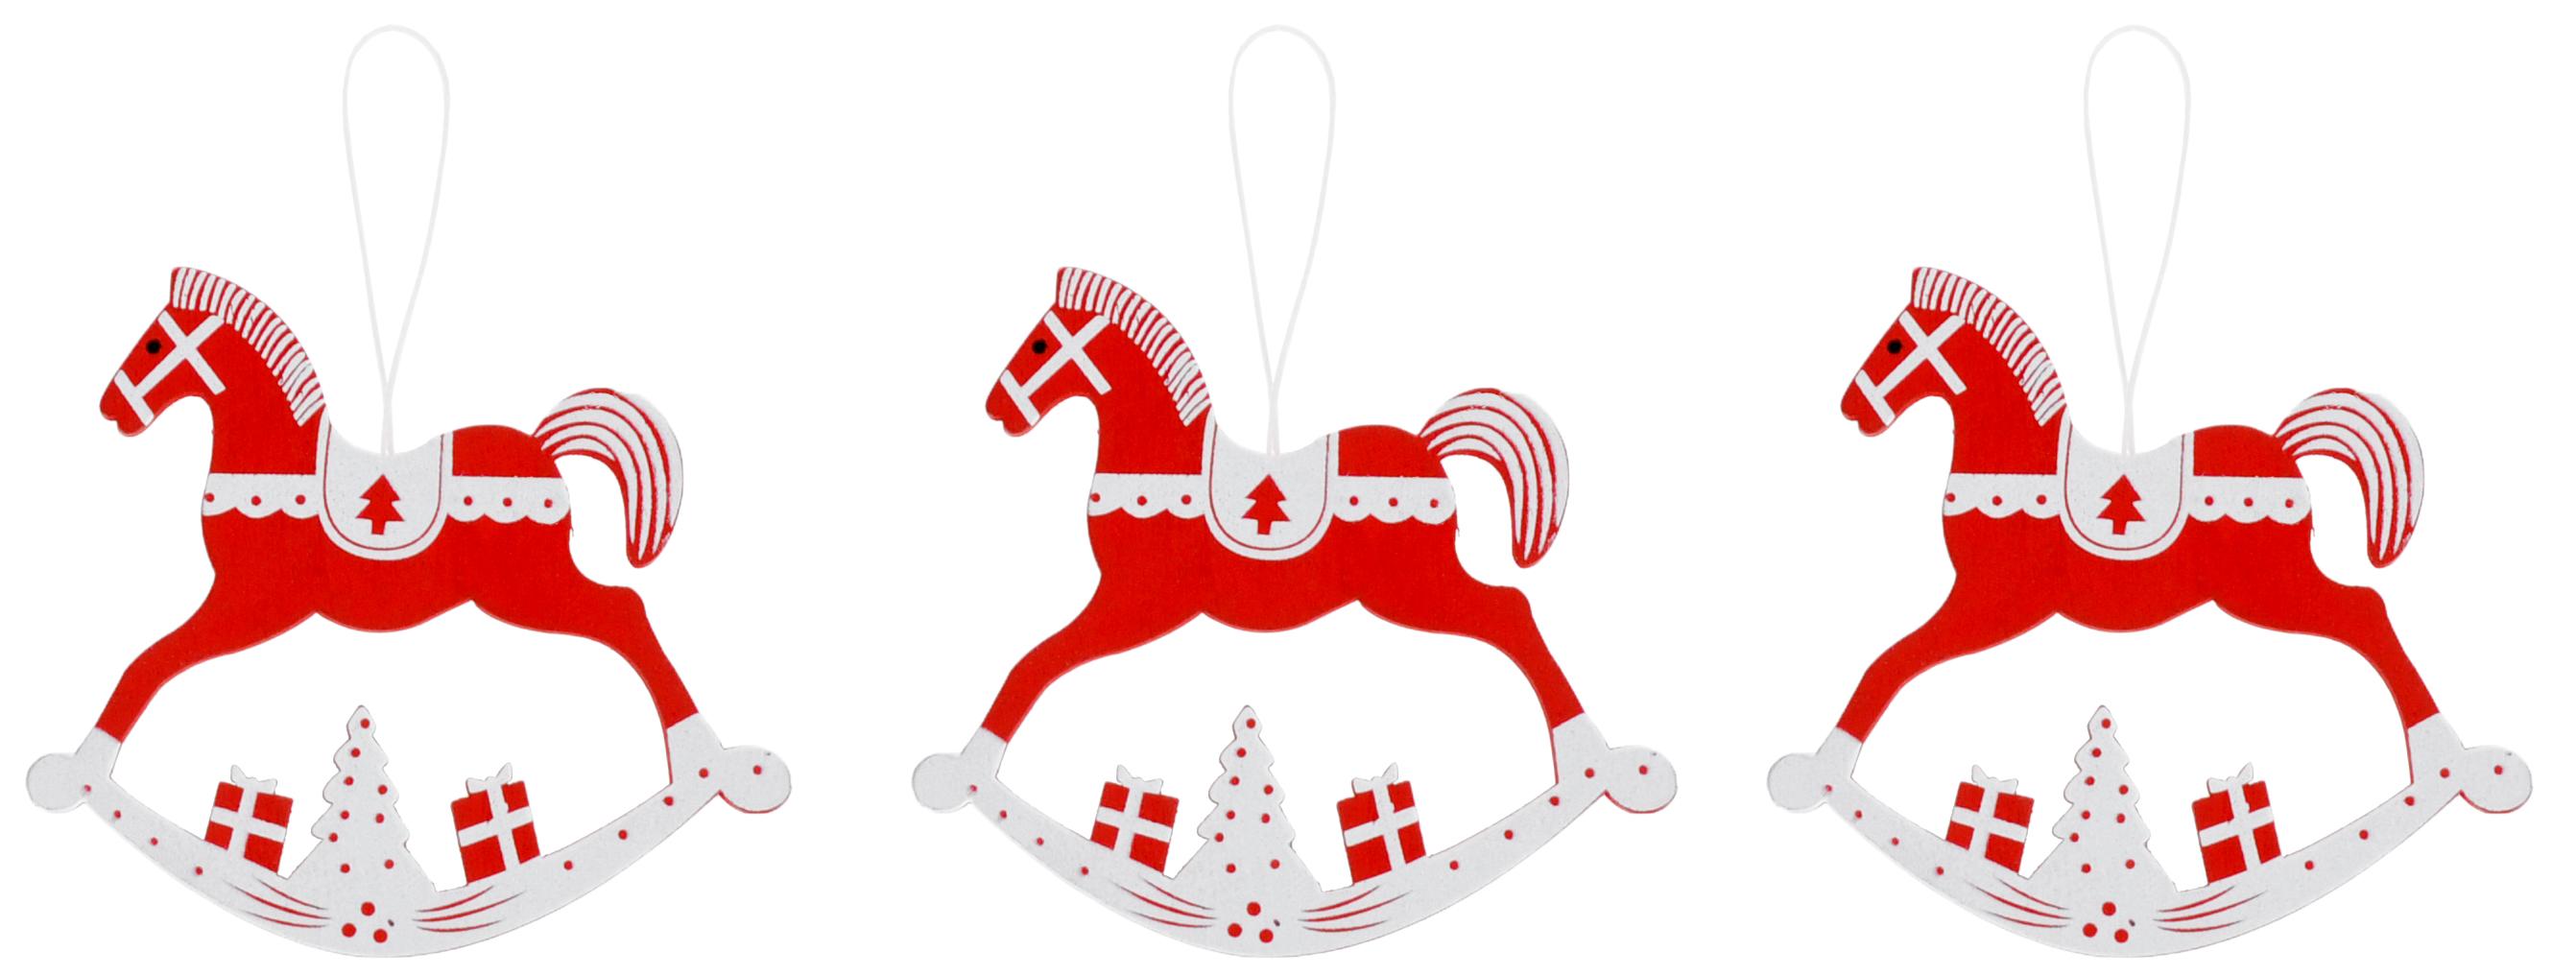 Украшение новогоднее подвесное Лошадки, цвет: красный, белый, 11 х 11 см, 3 шт72829Набор новогодних украшений Лошадки изготовлен из качественного материала (МДФ). Лошадки оформлены Новогодним принтом и дополнены текстильными веревочками. Набор украшений содержит: 3 шт.Размер: 11 x 11 см.